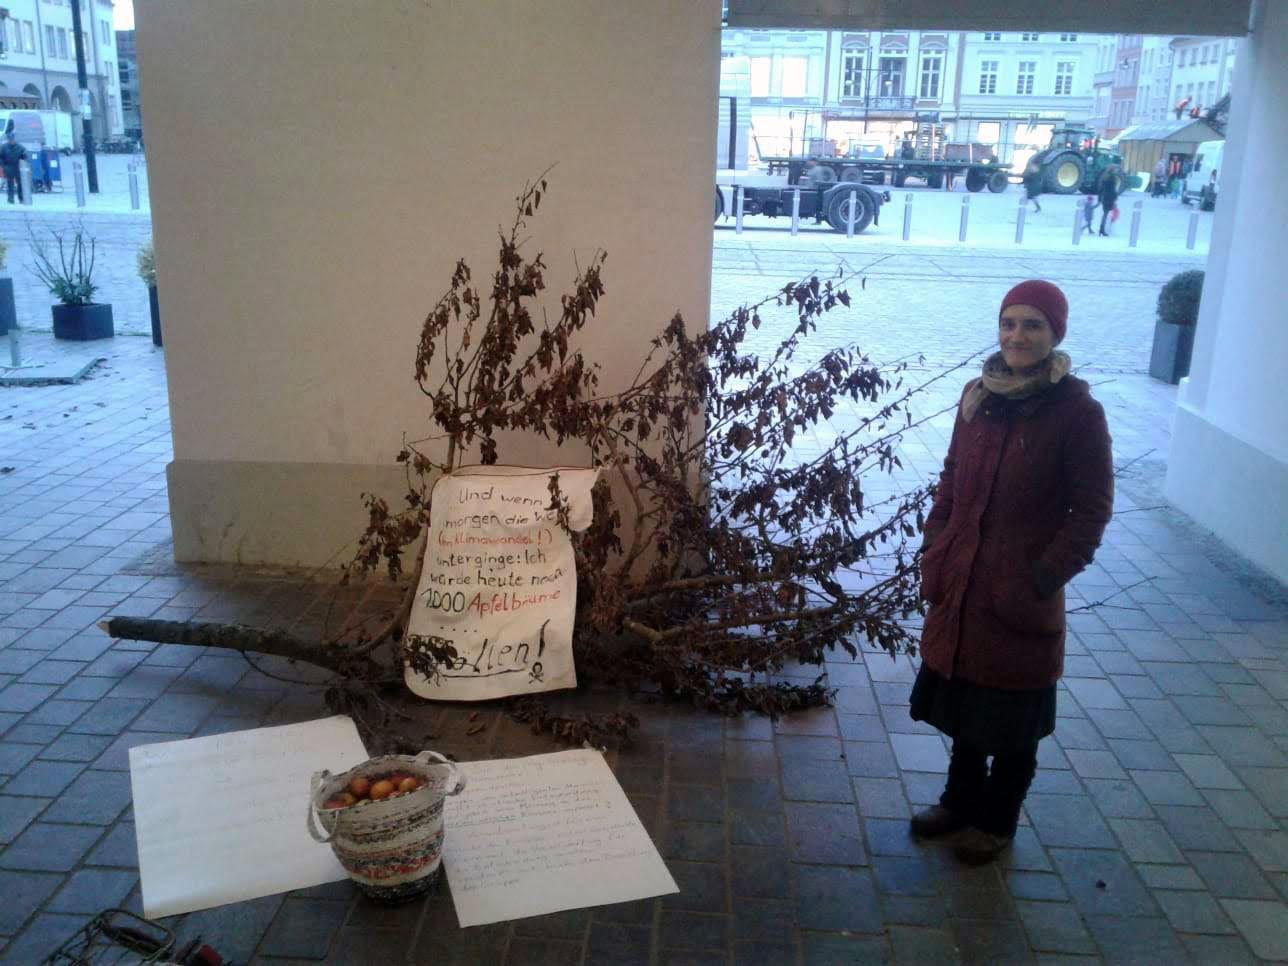 Wir protestieren vor dem Rathaus gegen Baumfällungen und Zerstörung von Gärten.